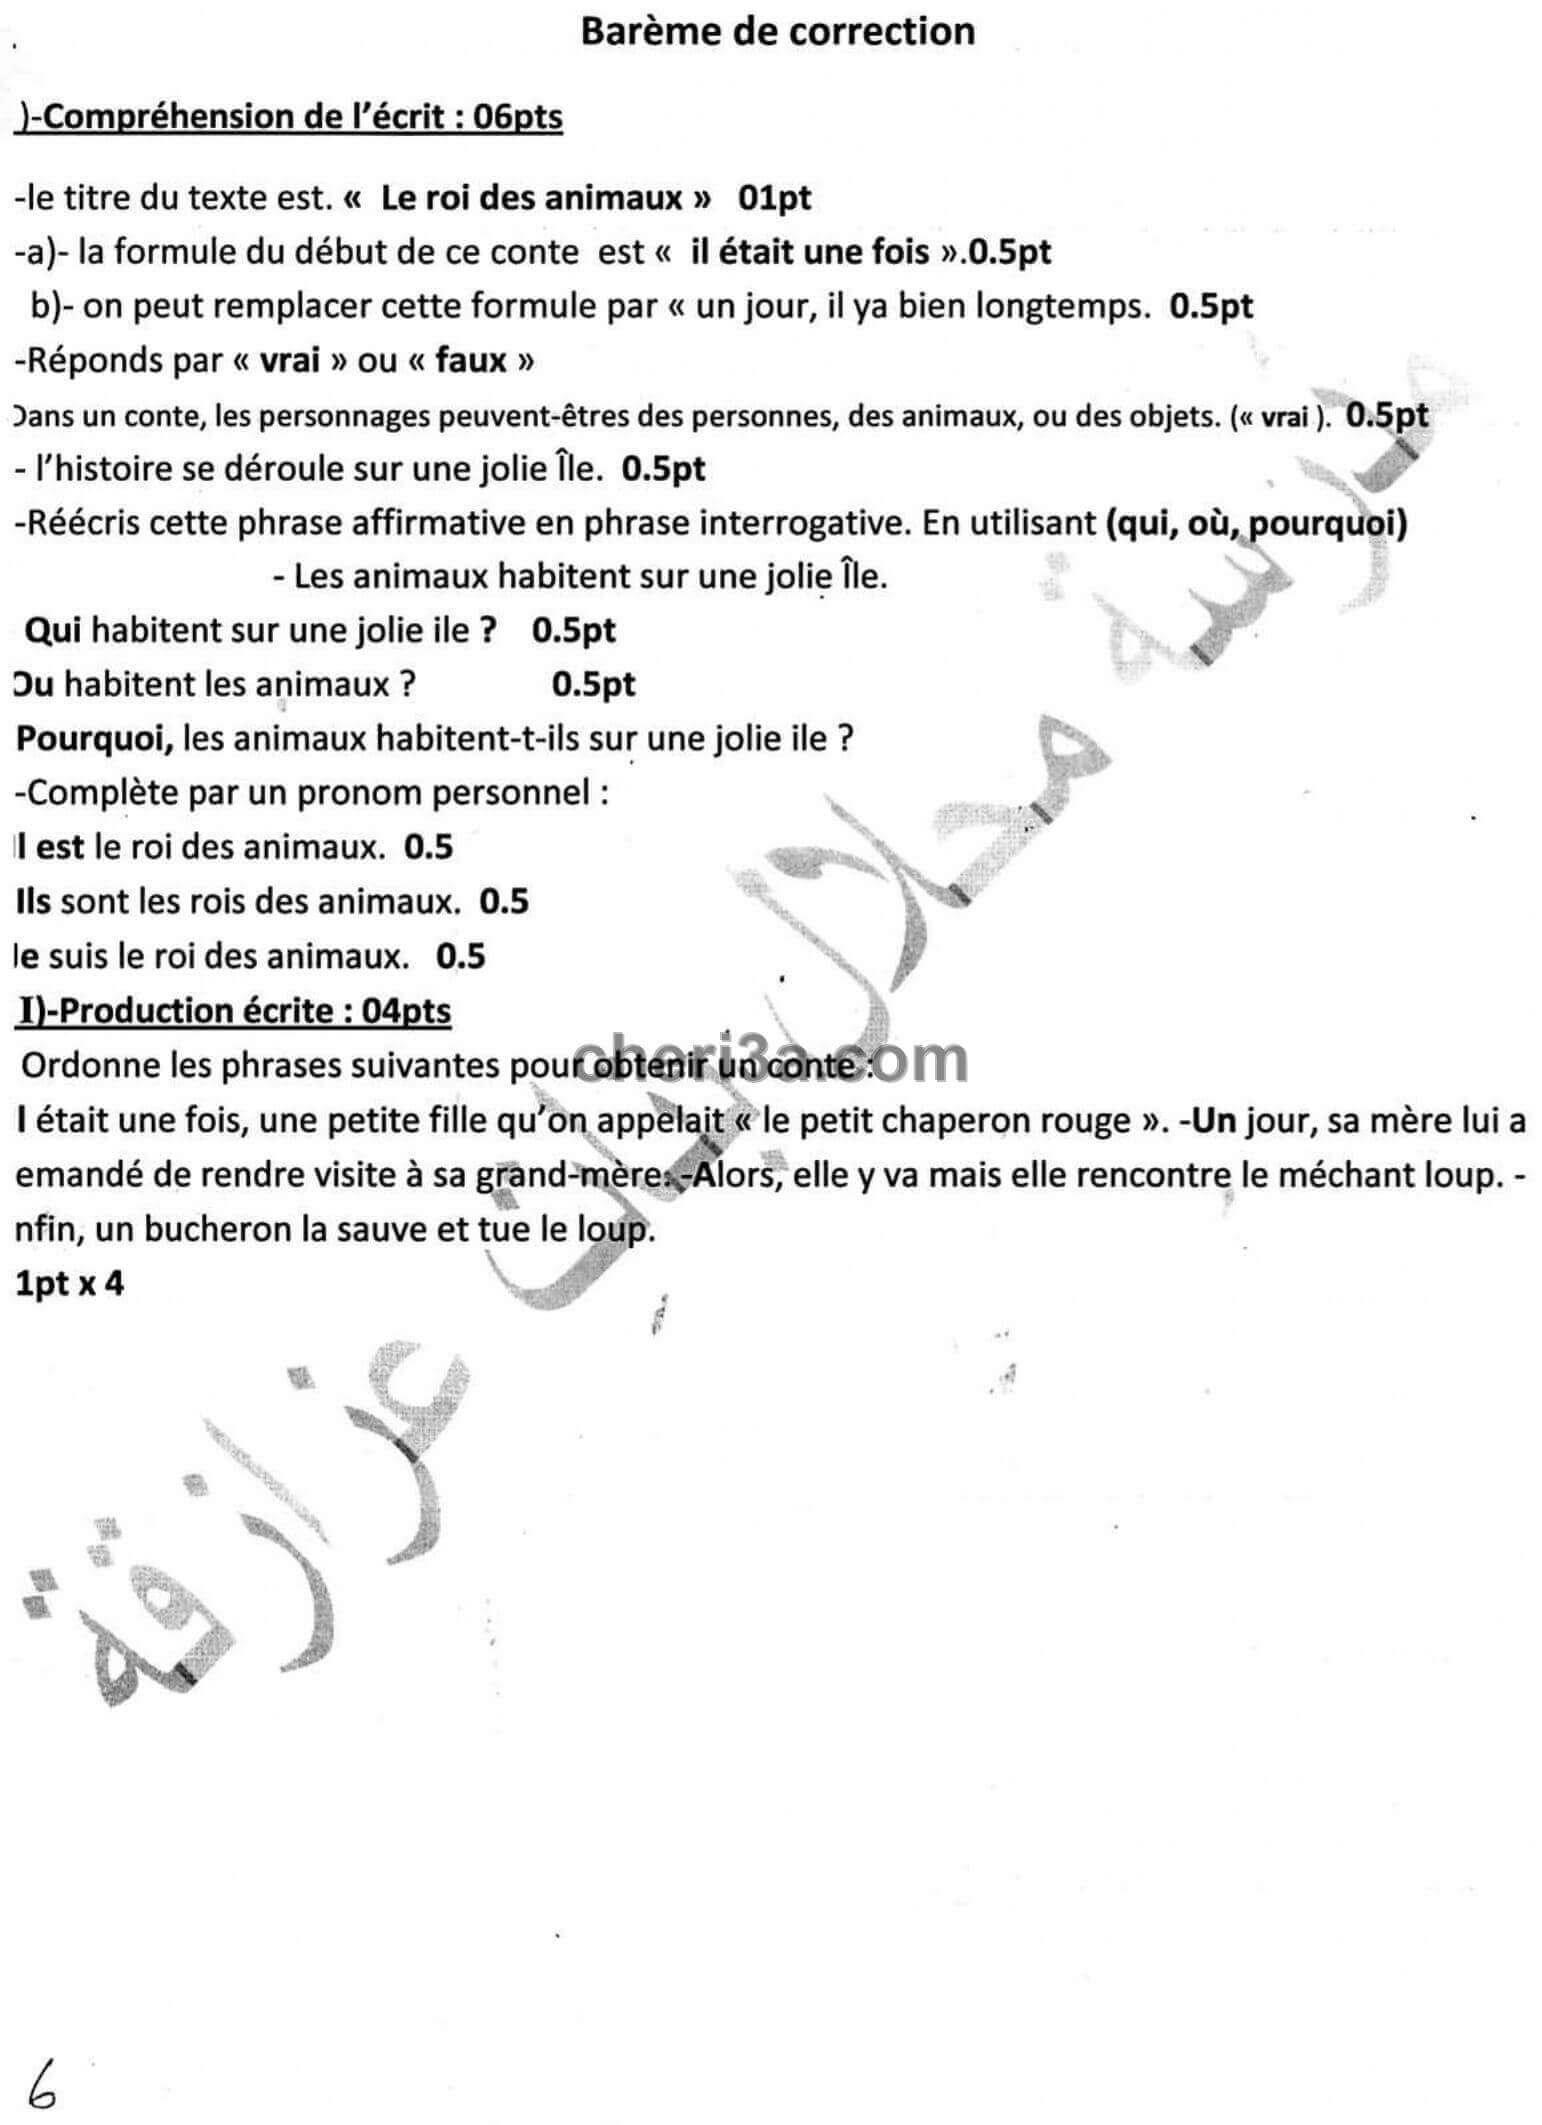 اختبار الفصل الاول للسنة الرابعة ابتدائي في الفرنسية النموذج 3 Cheri3a.com-8-2-1